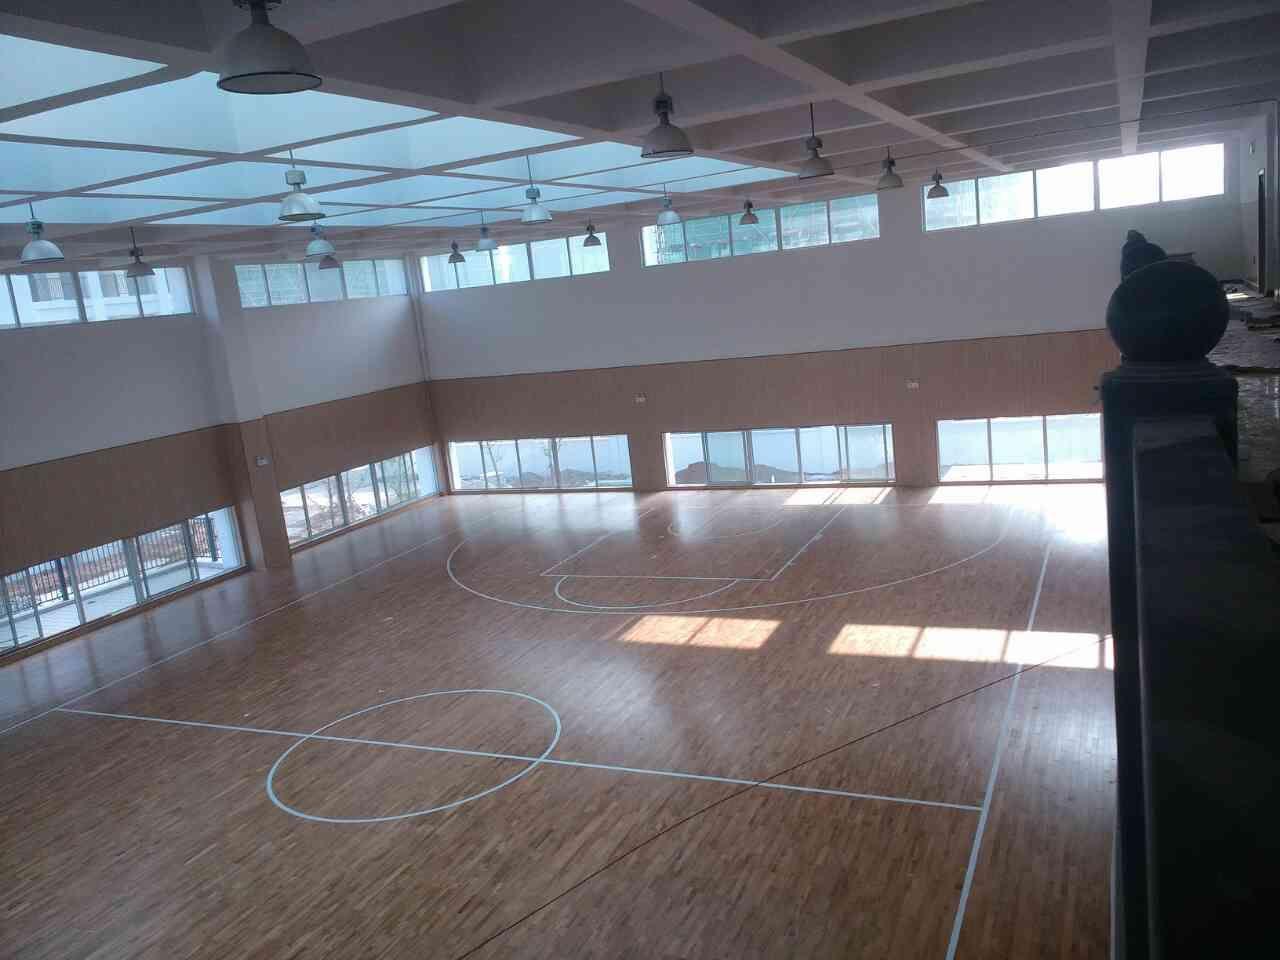 徐州小韩小学的运动场馆案例